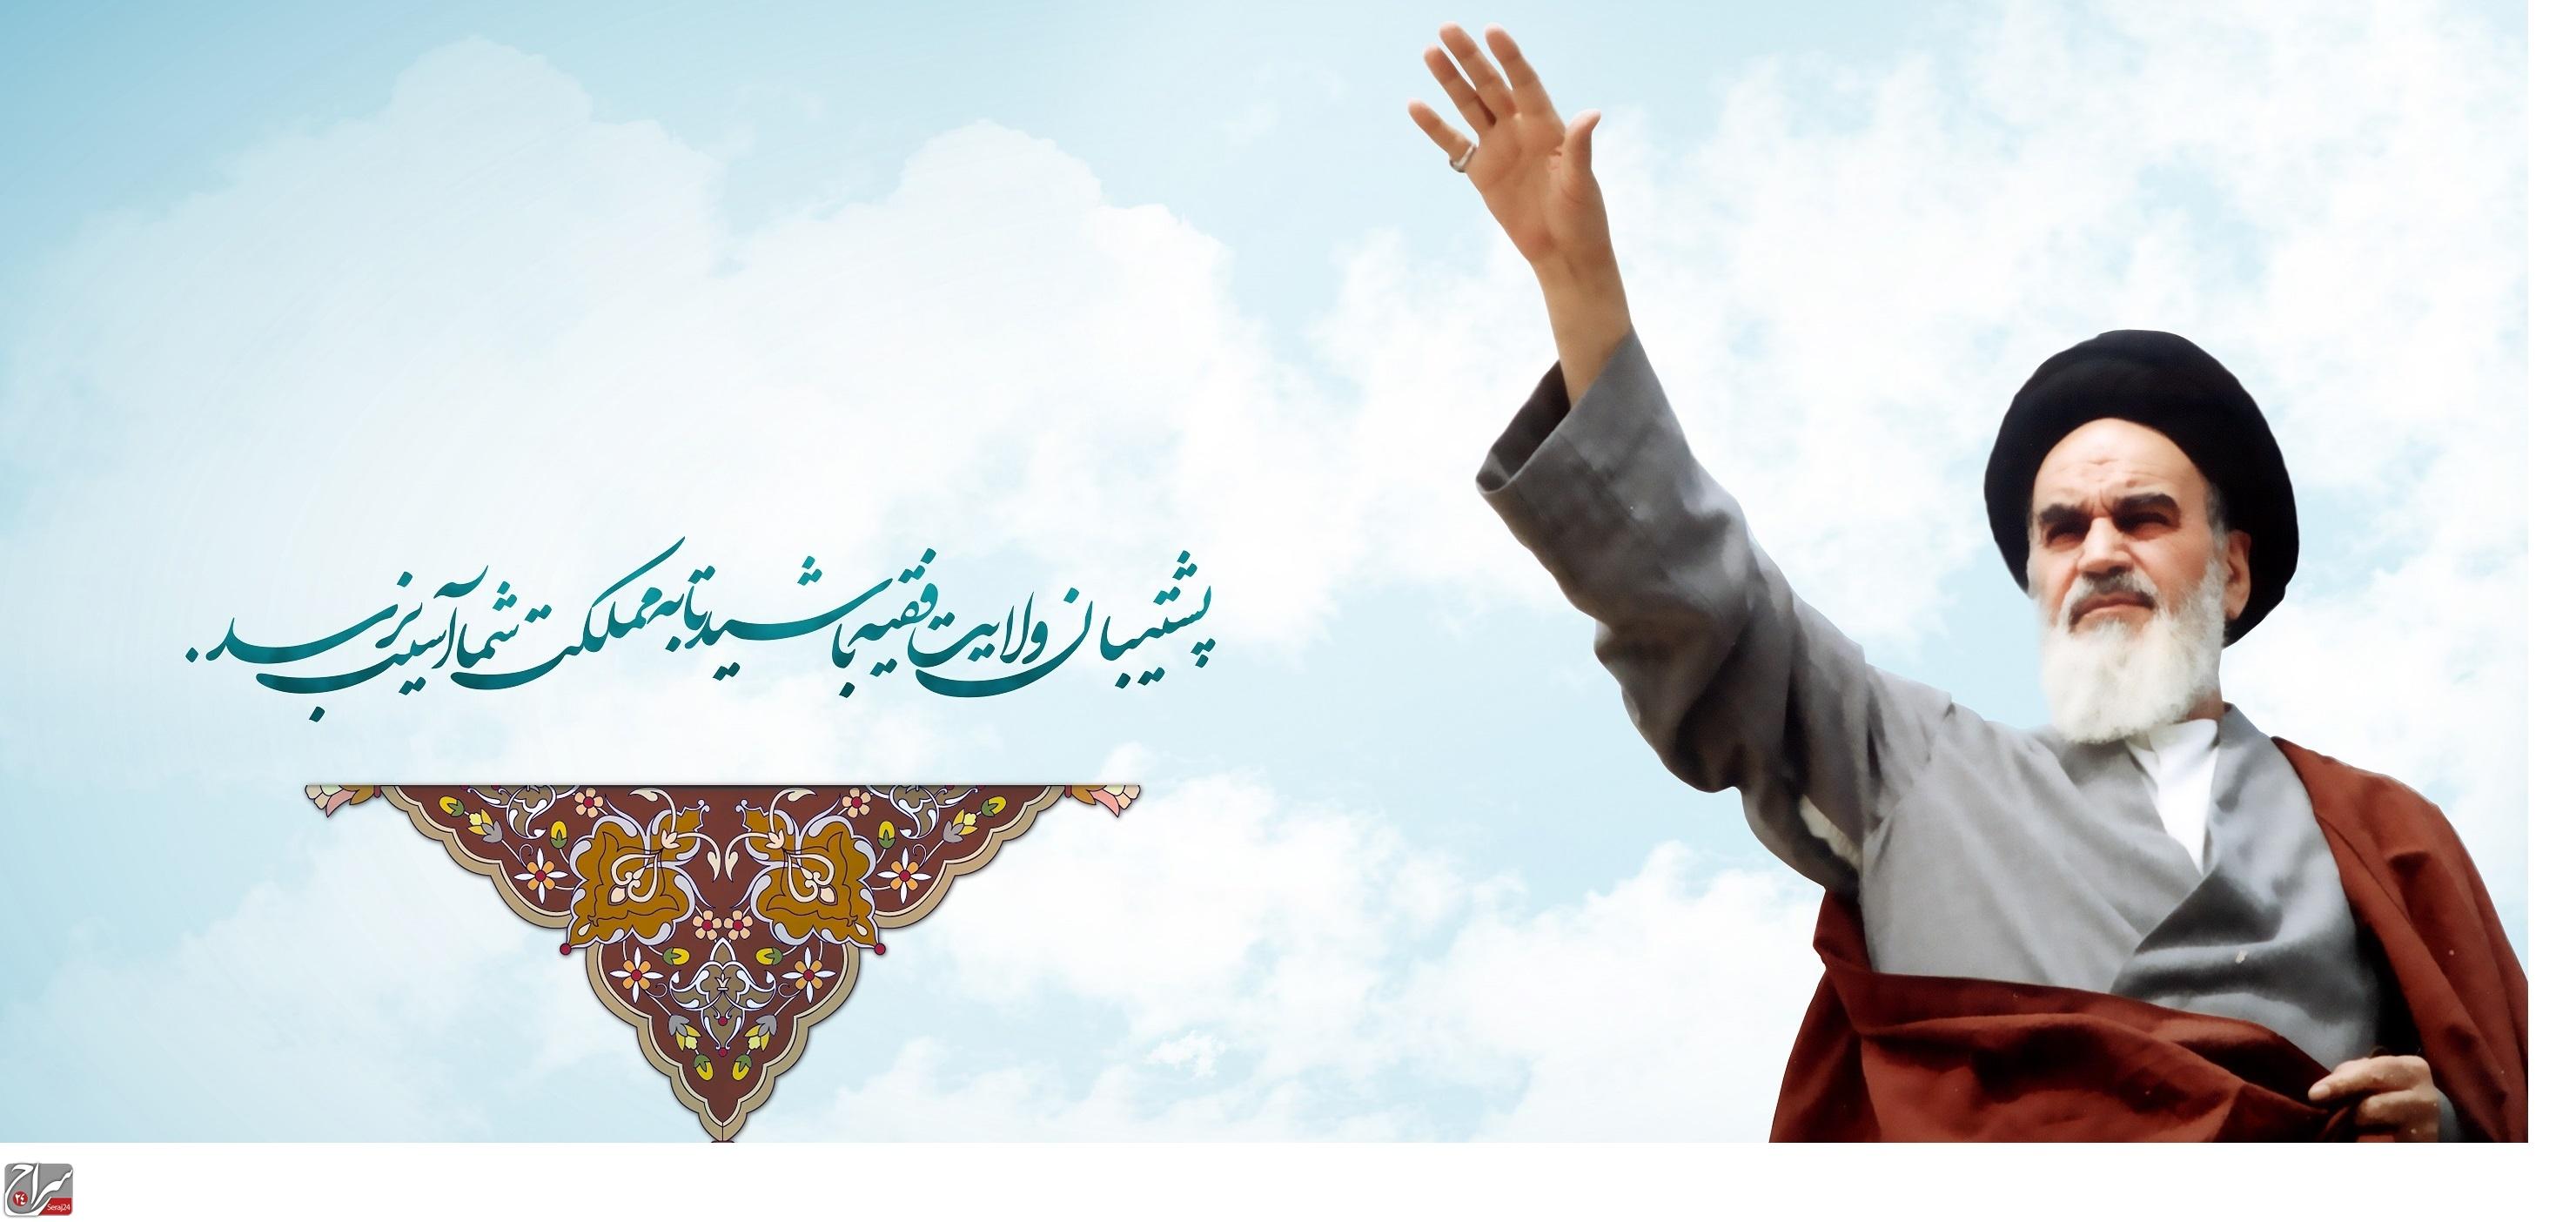 «خودباوری» شاهراه رسیدن ملت ایران به بزرگی و پیشرفت در اندیشه امام خمینی (ره)